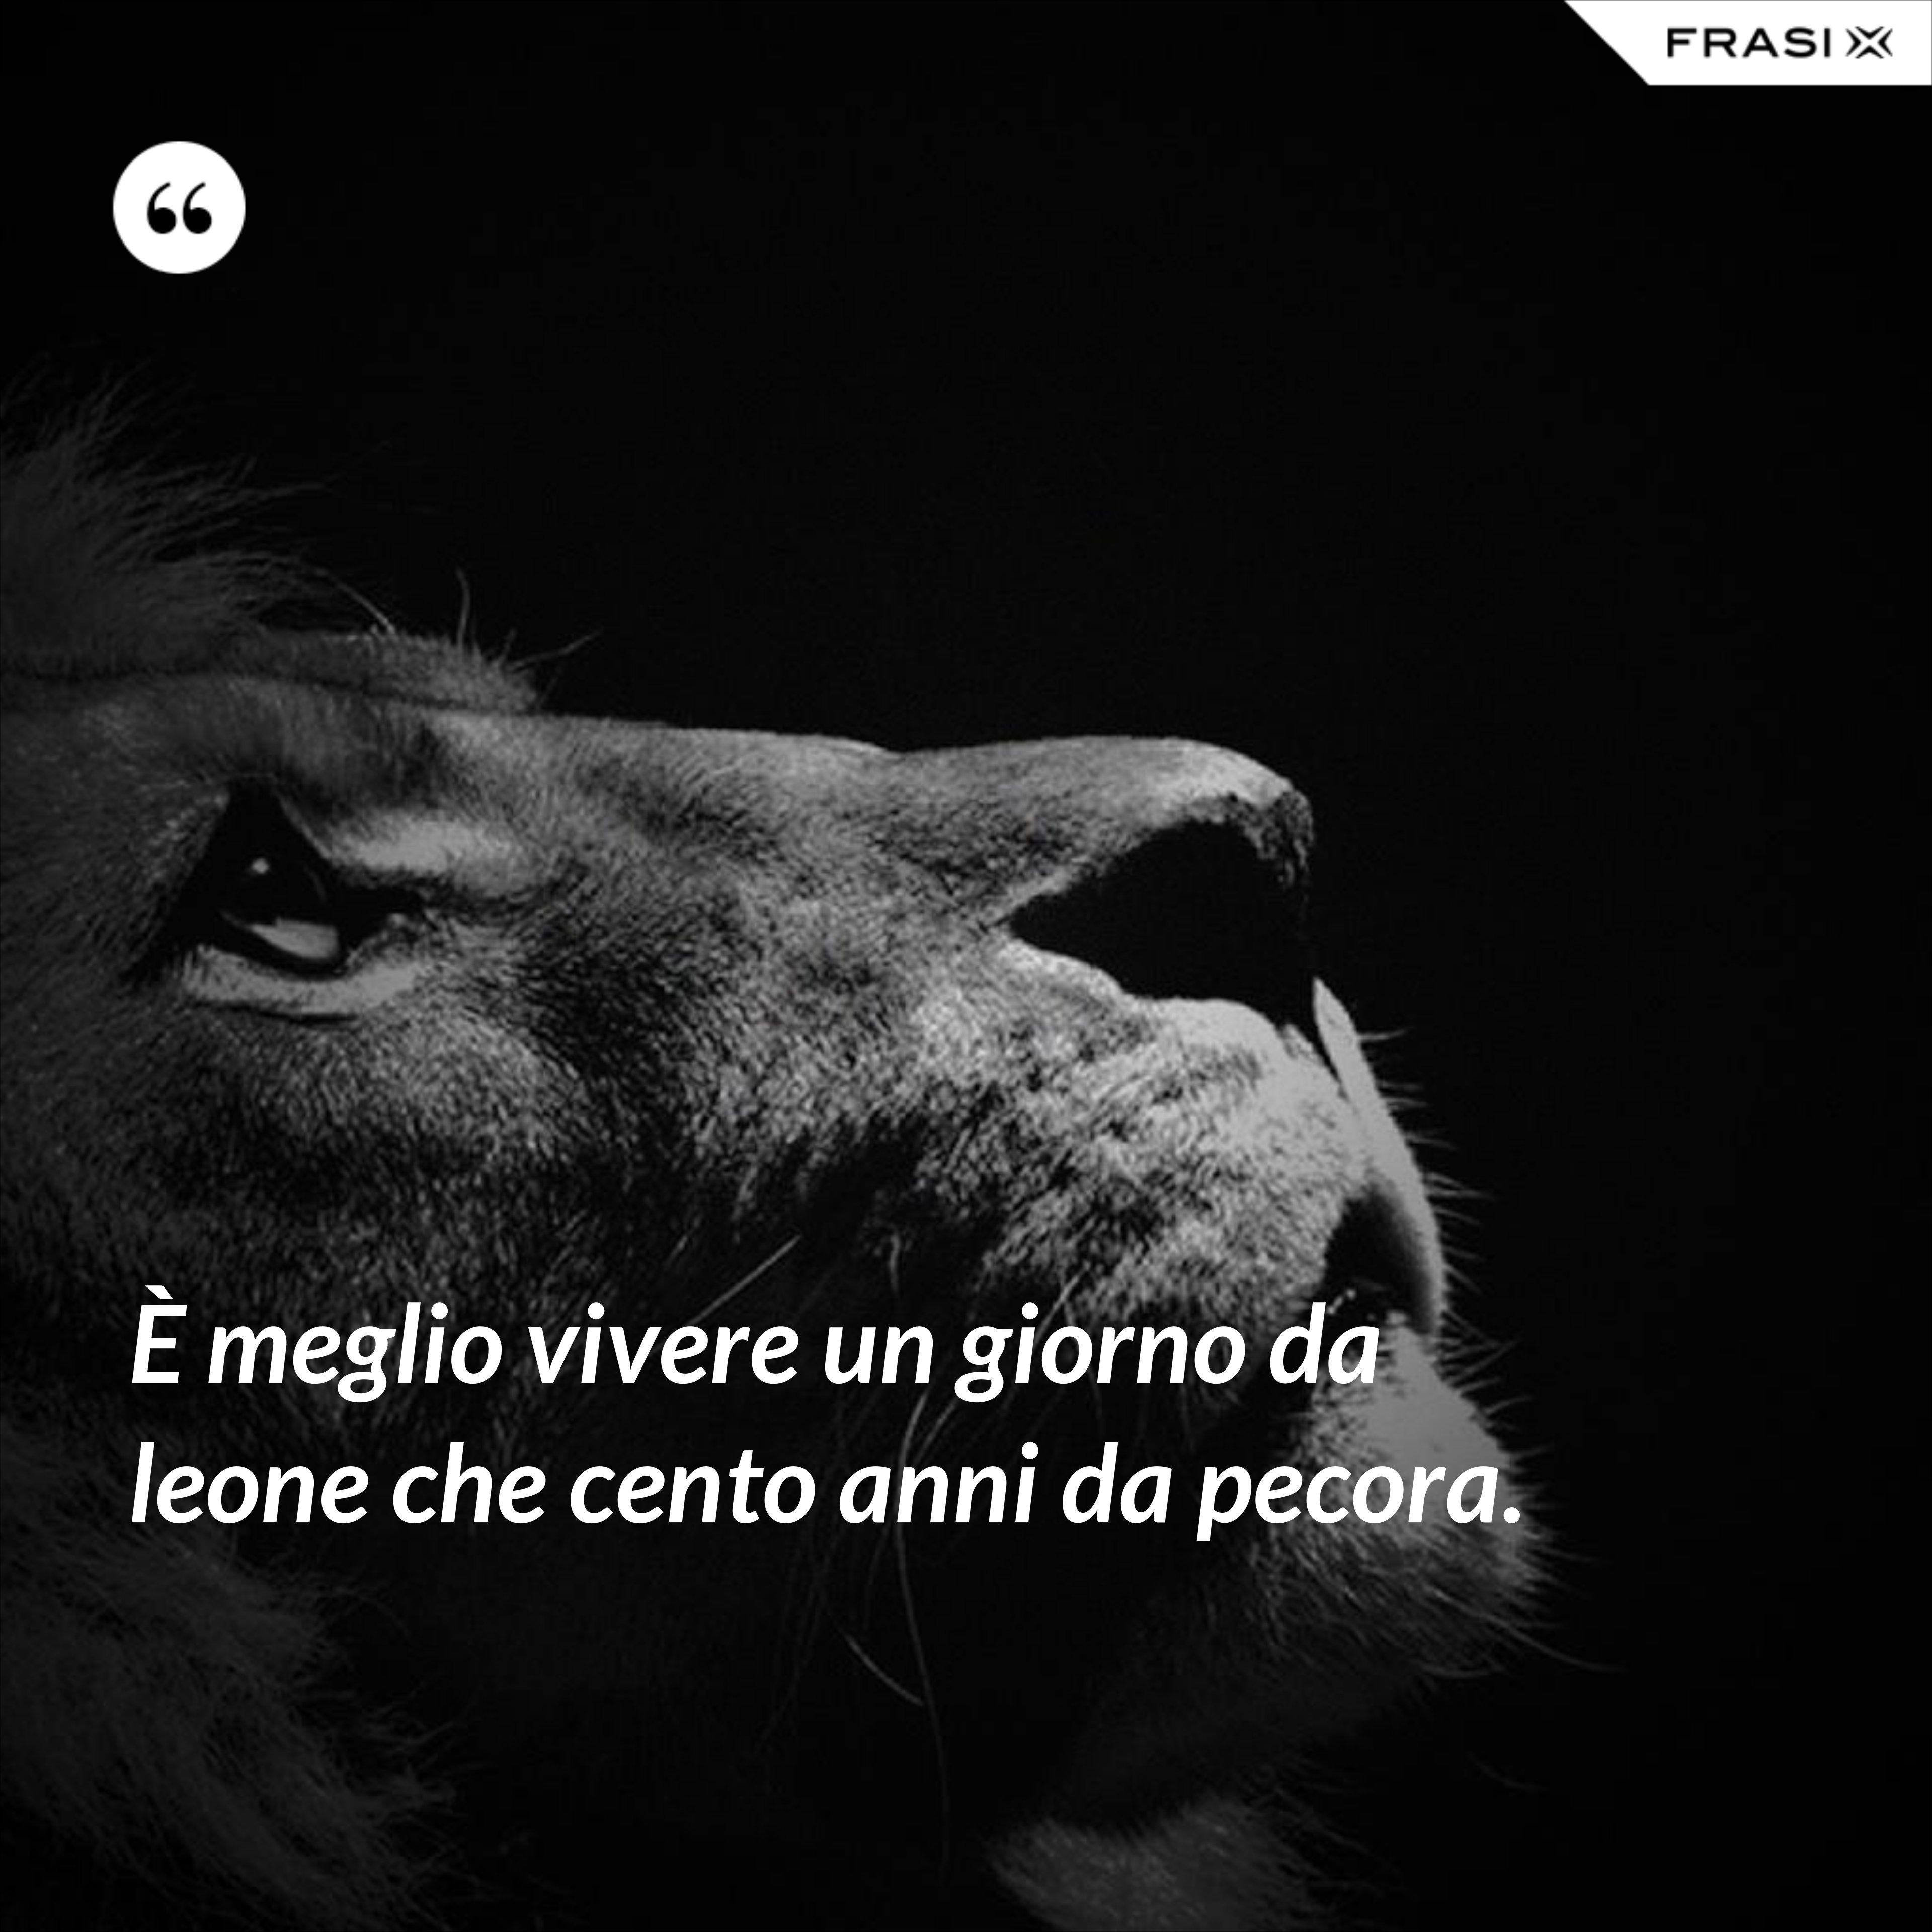 È meglio vivere un giorno da leone che cento anni da pecora. - Anonimo